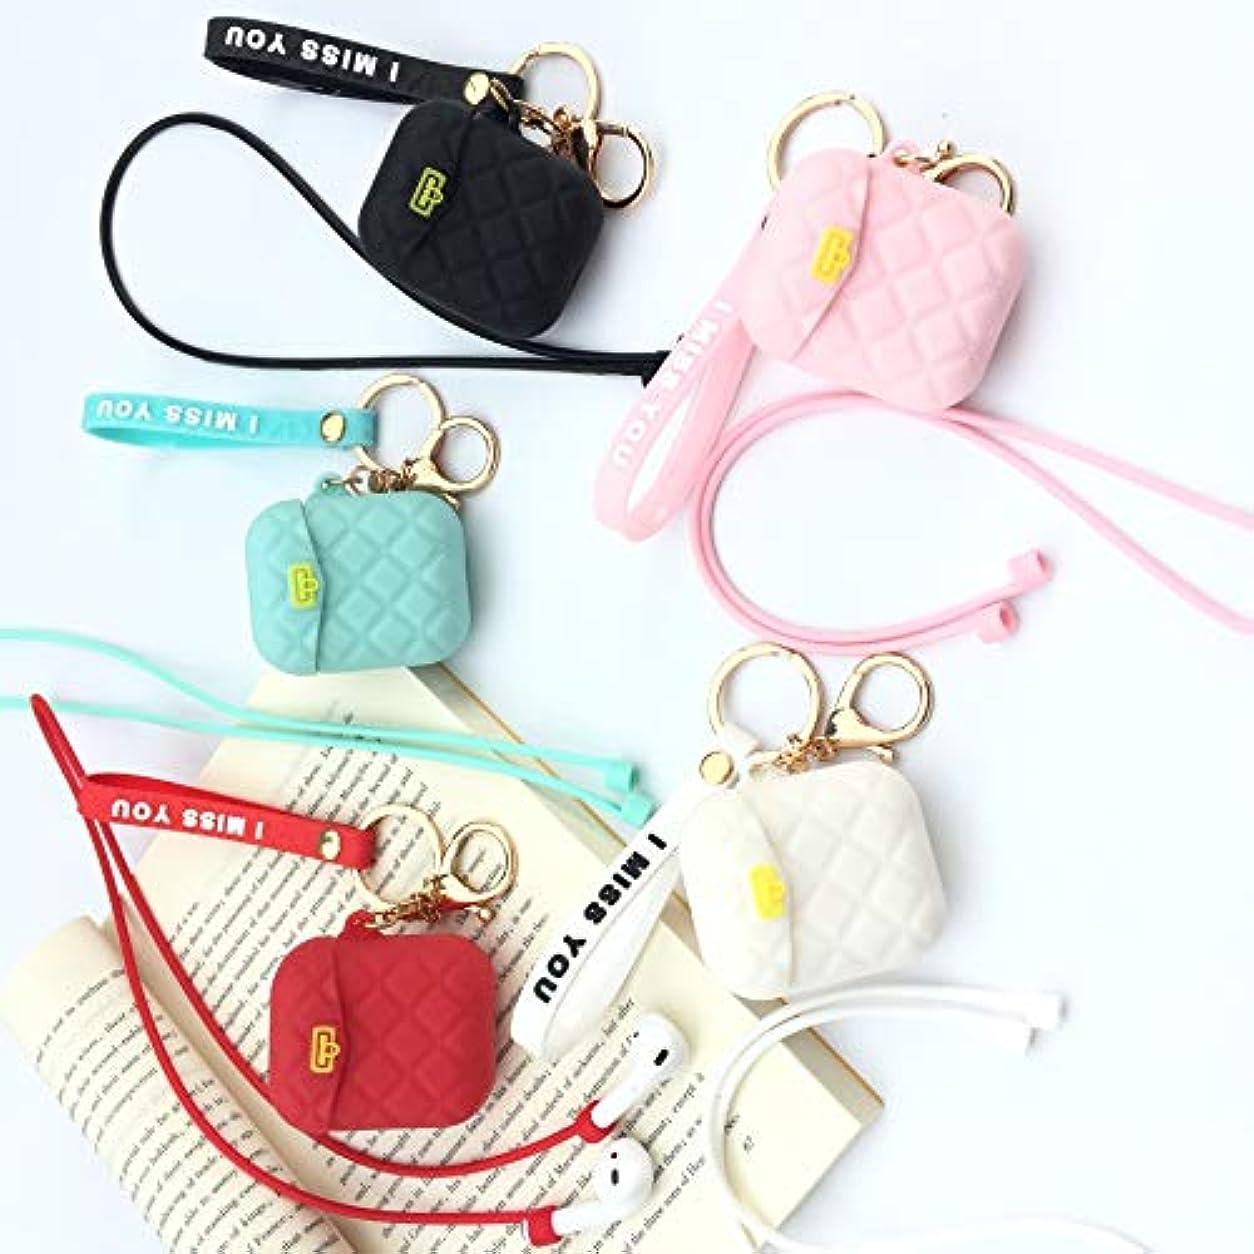 ピルファー上級それにもかかわらずGUANG-HOME 該当する日本と韓国の小さな香り菱形のバッグAirpods 1/2保護カバーアップルヘッドセットセット収納ボックス女性 (Color : Black)